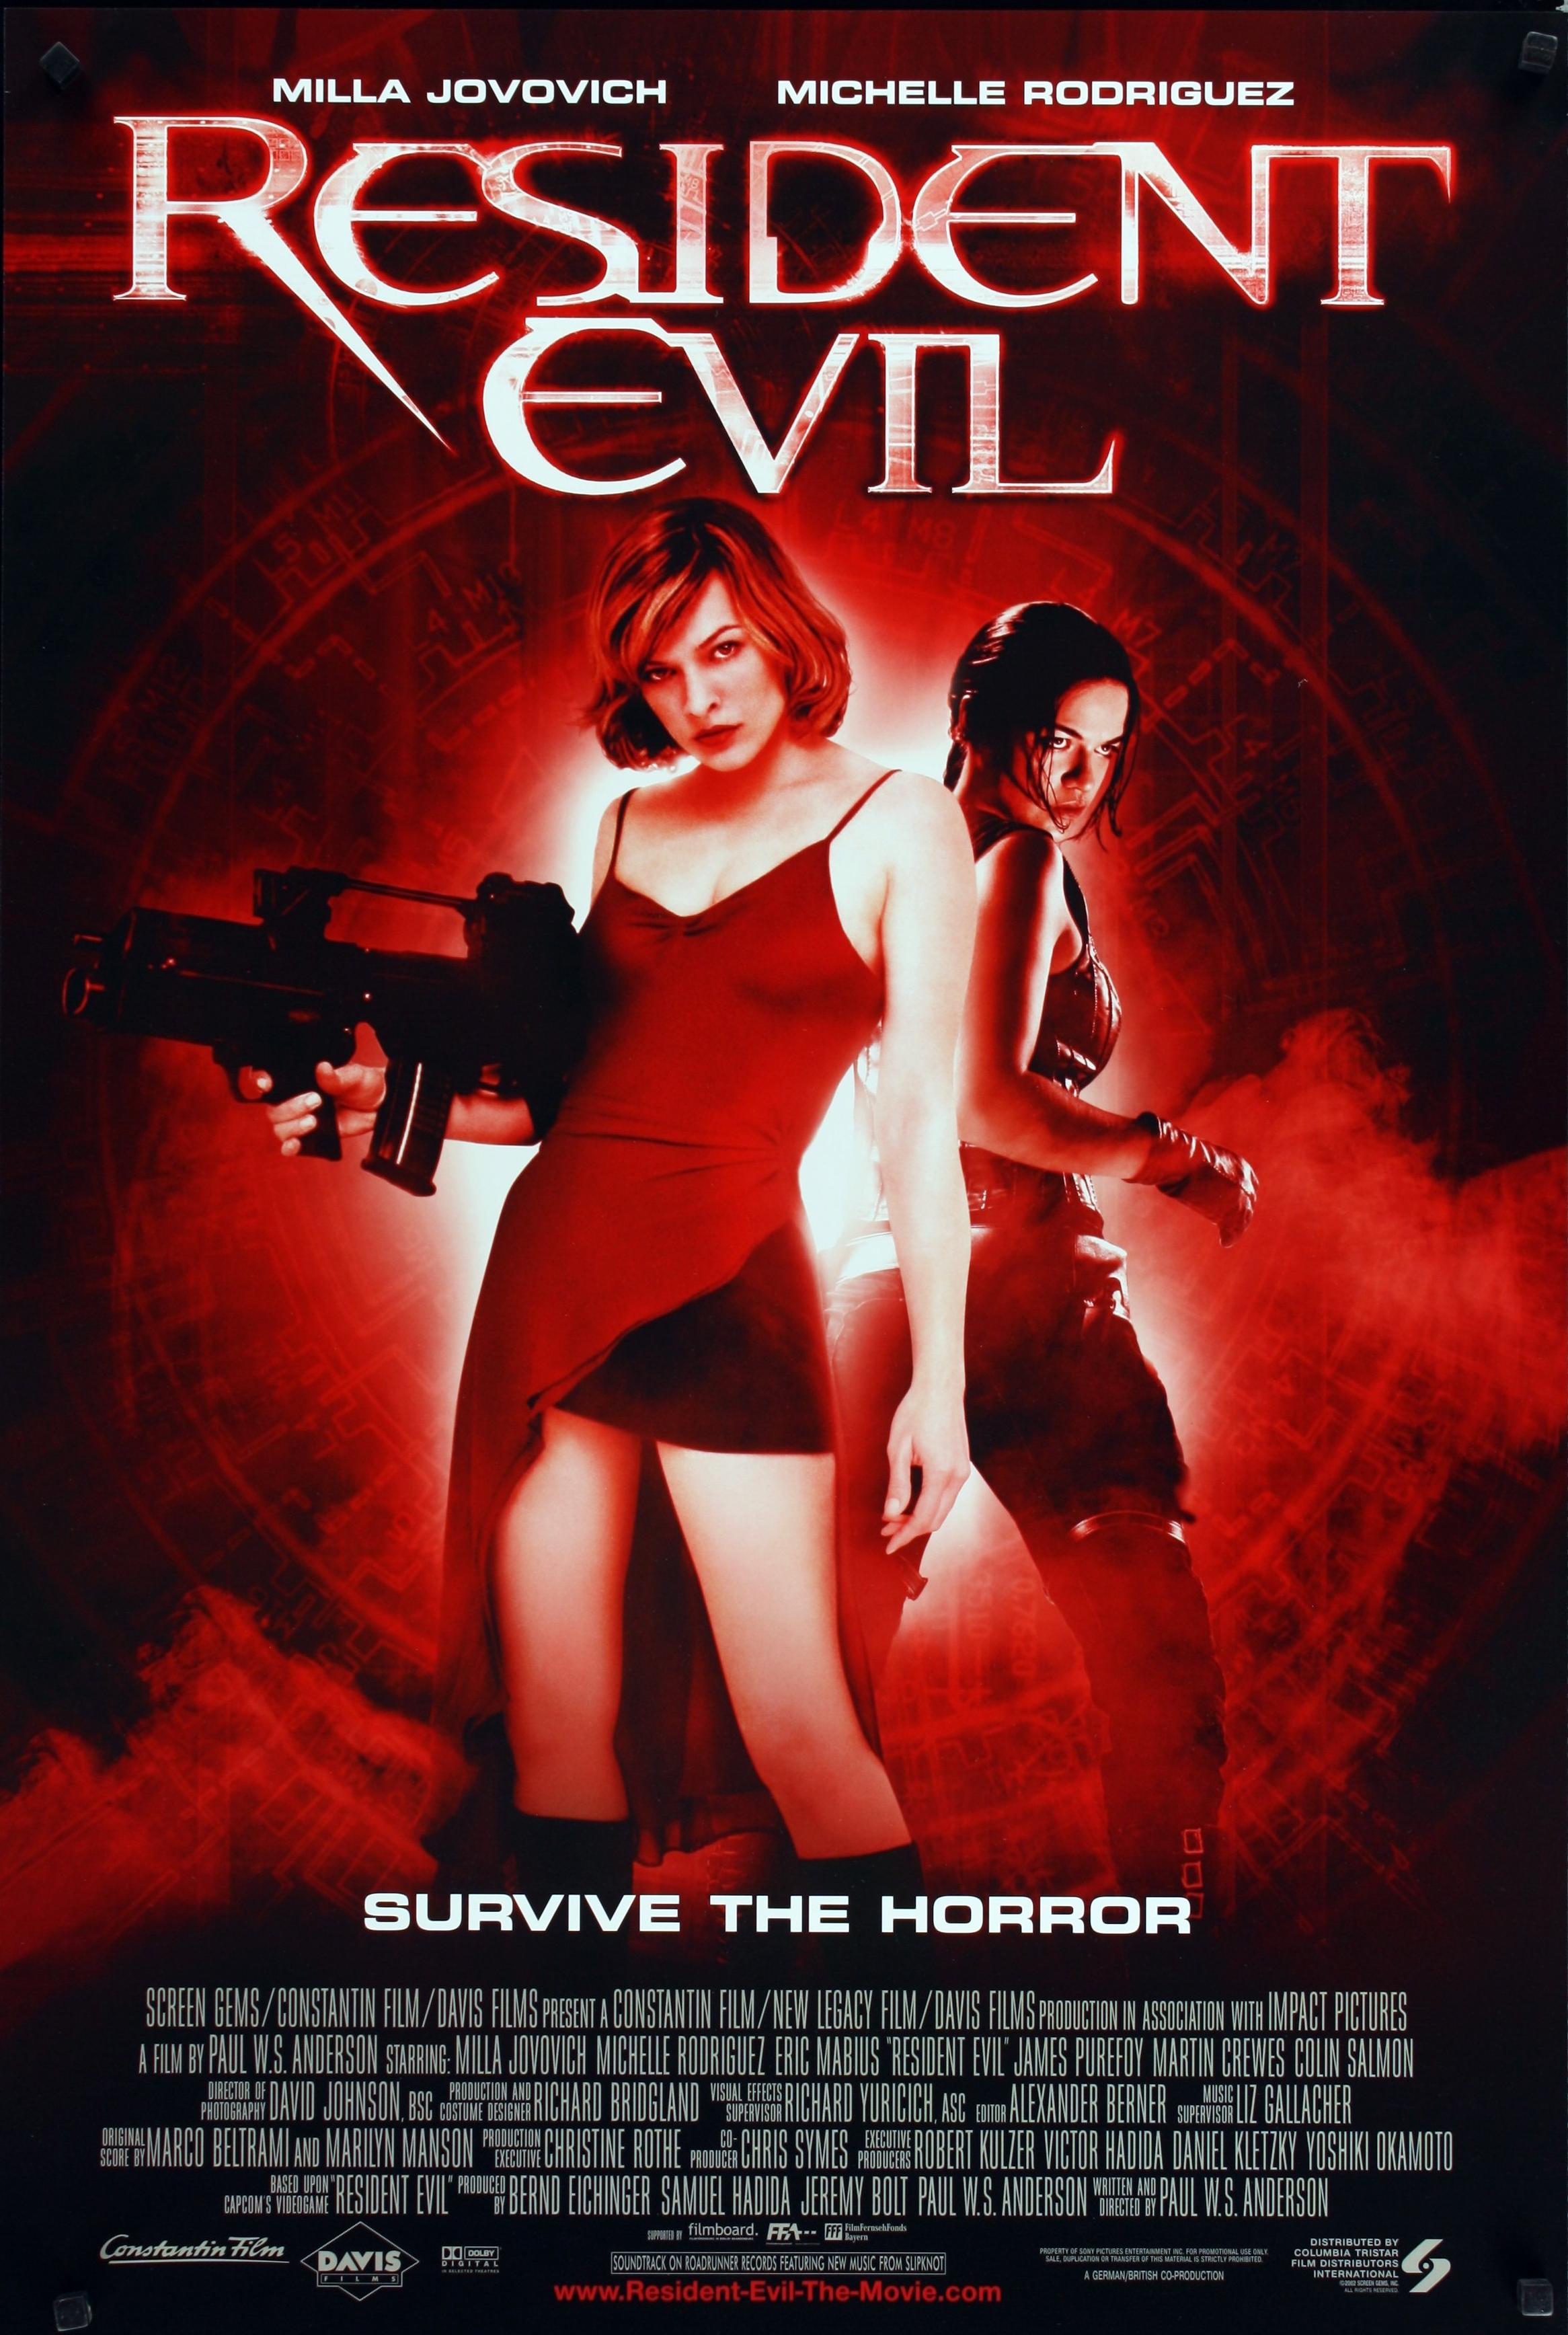 Resident Evil - 57/100